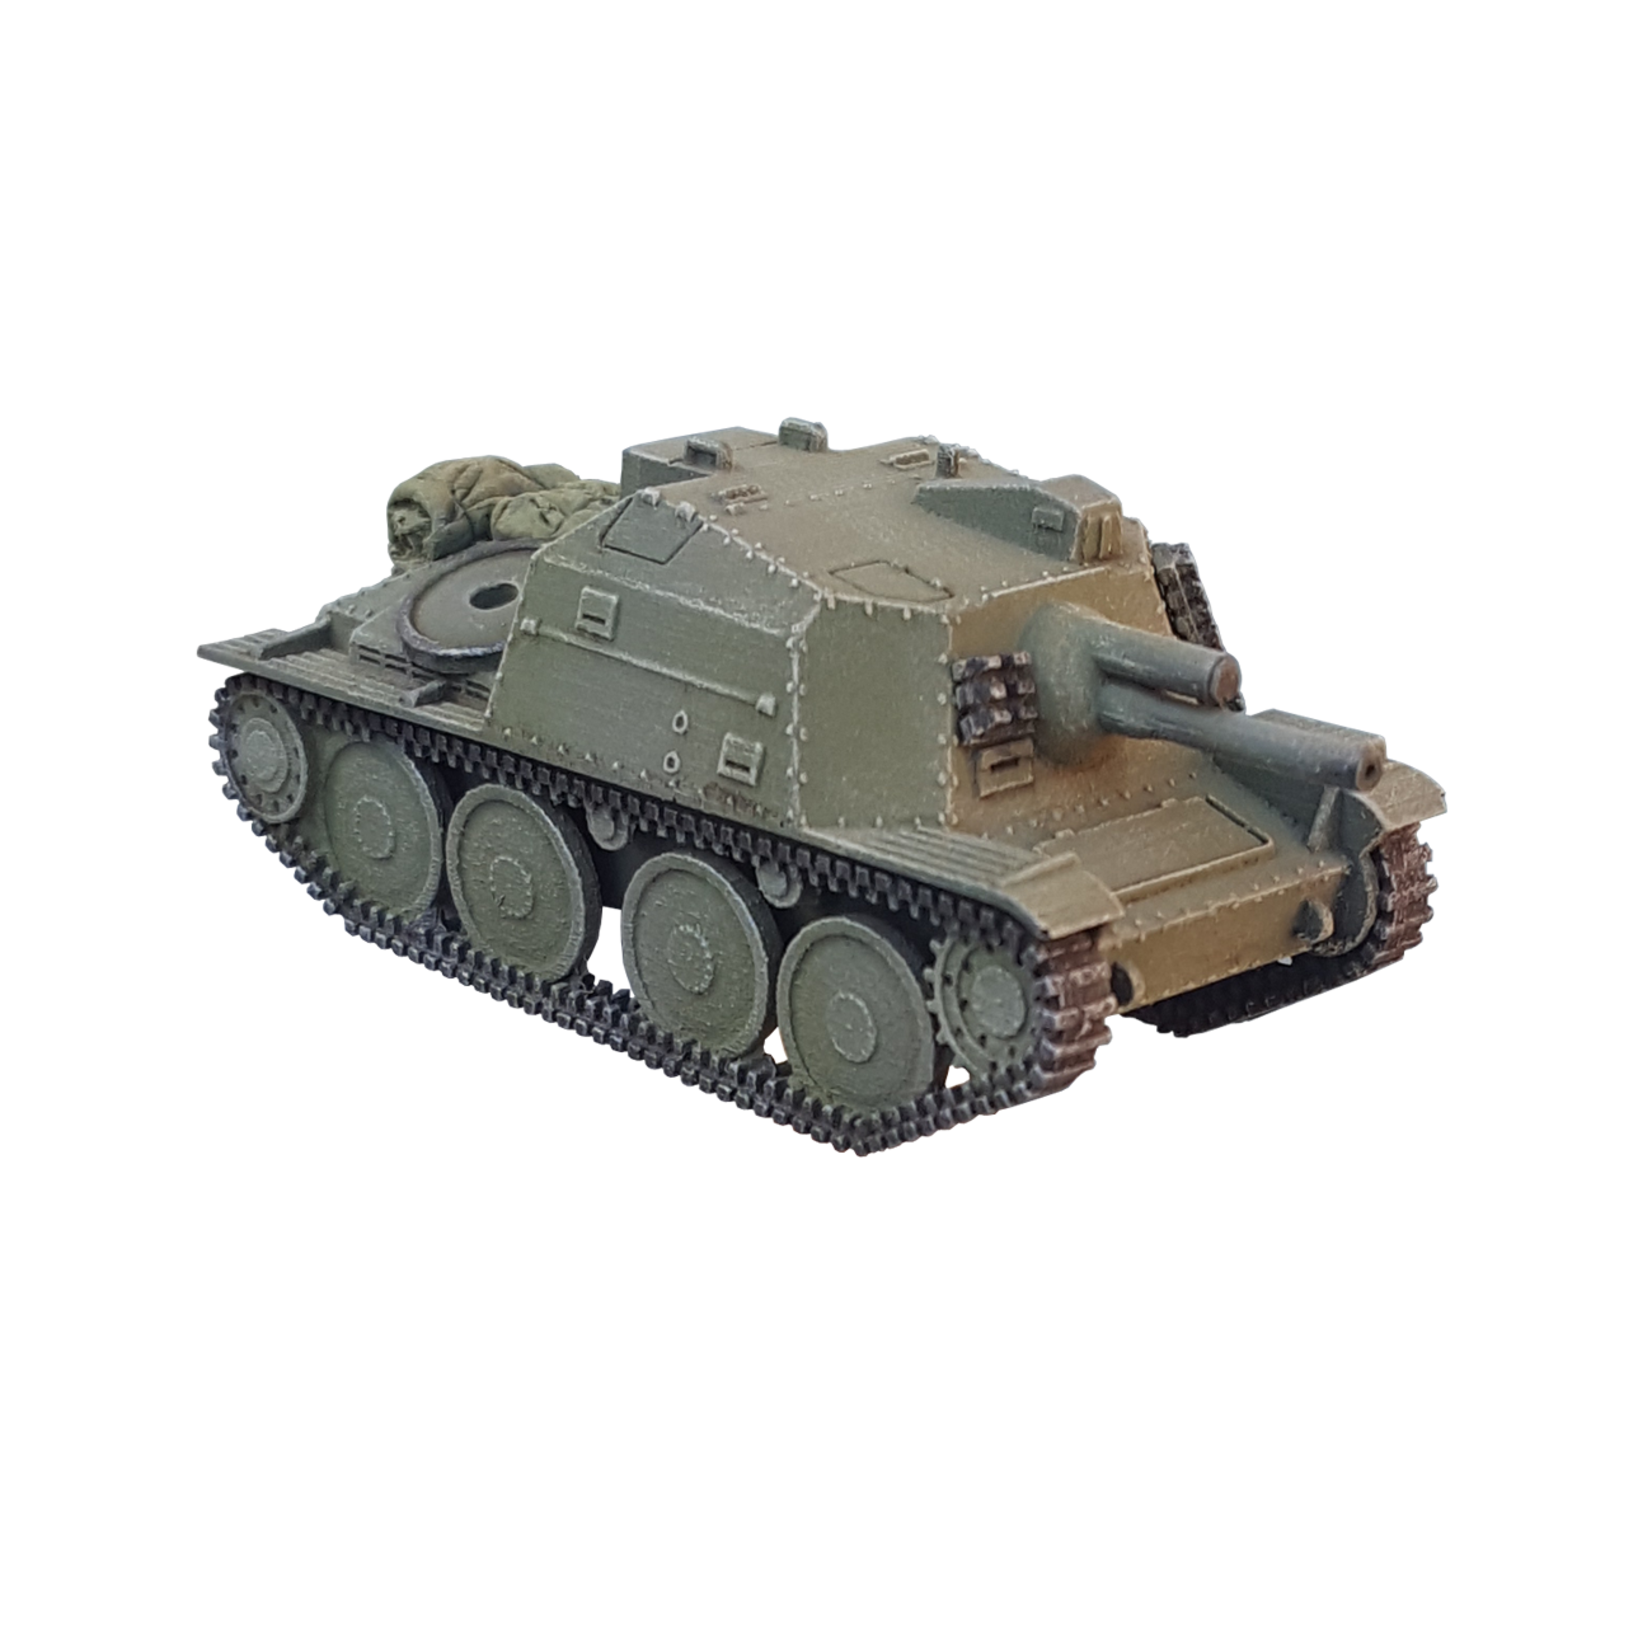 Sav m43